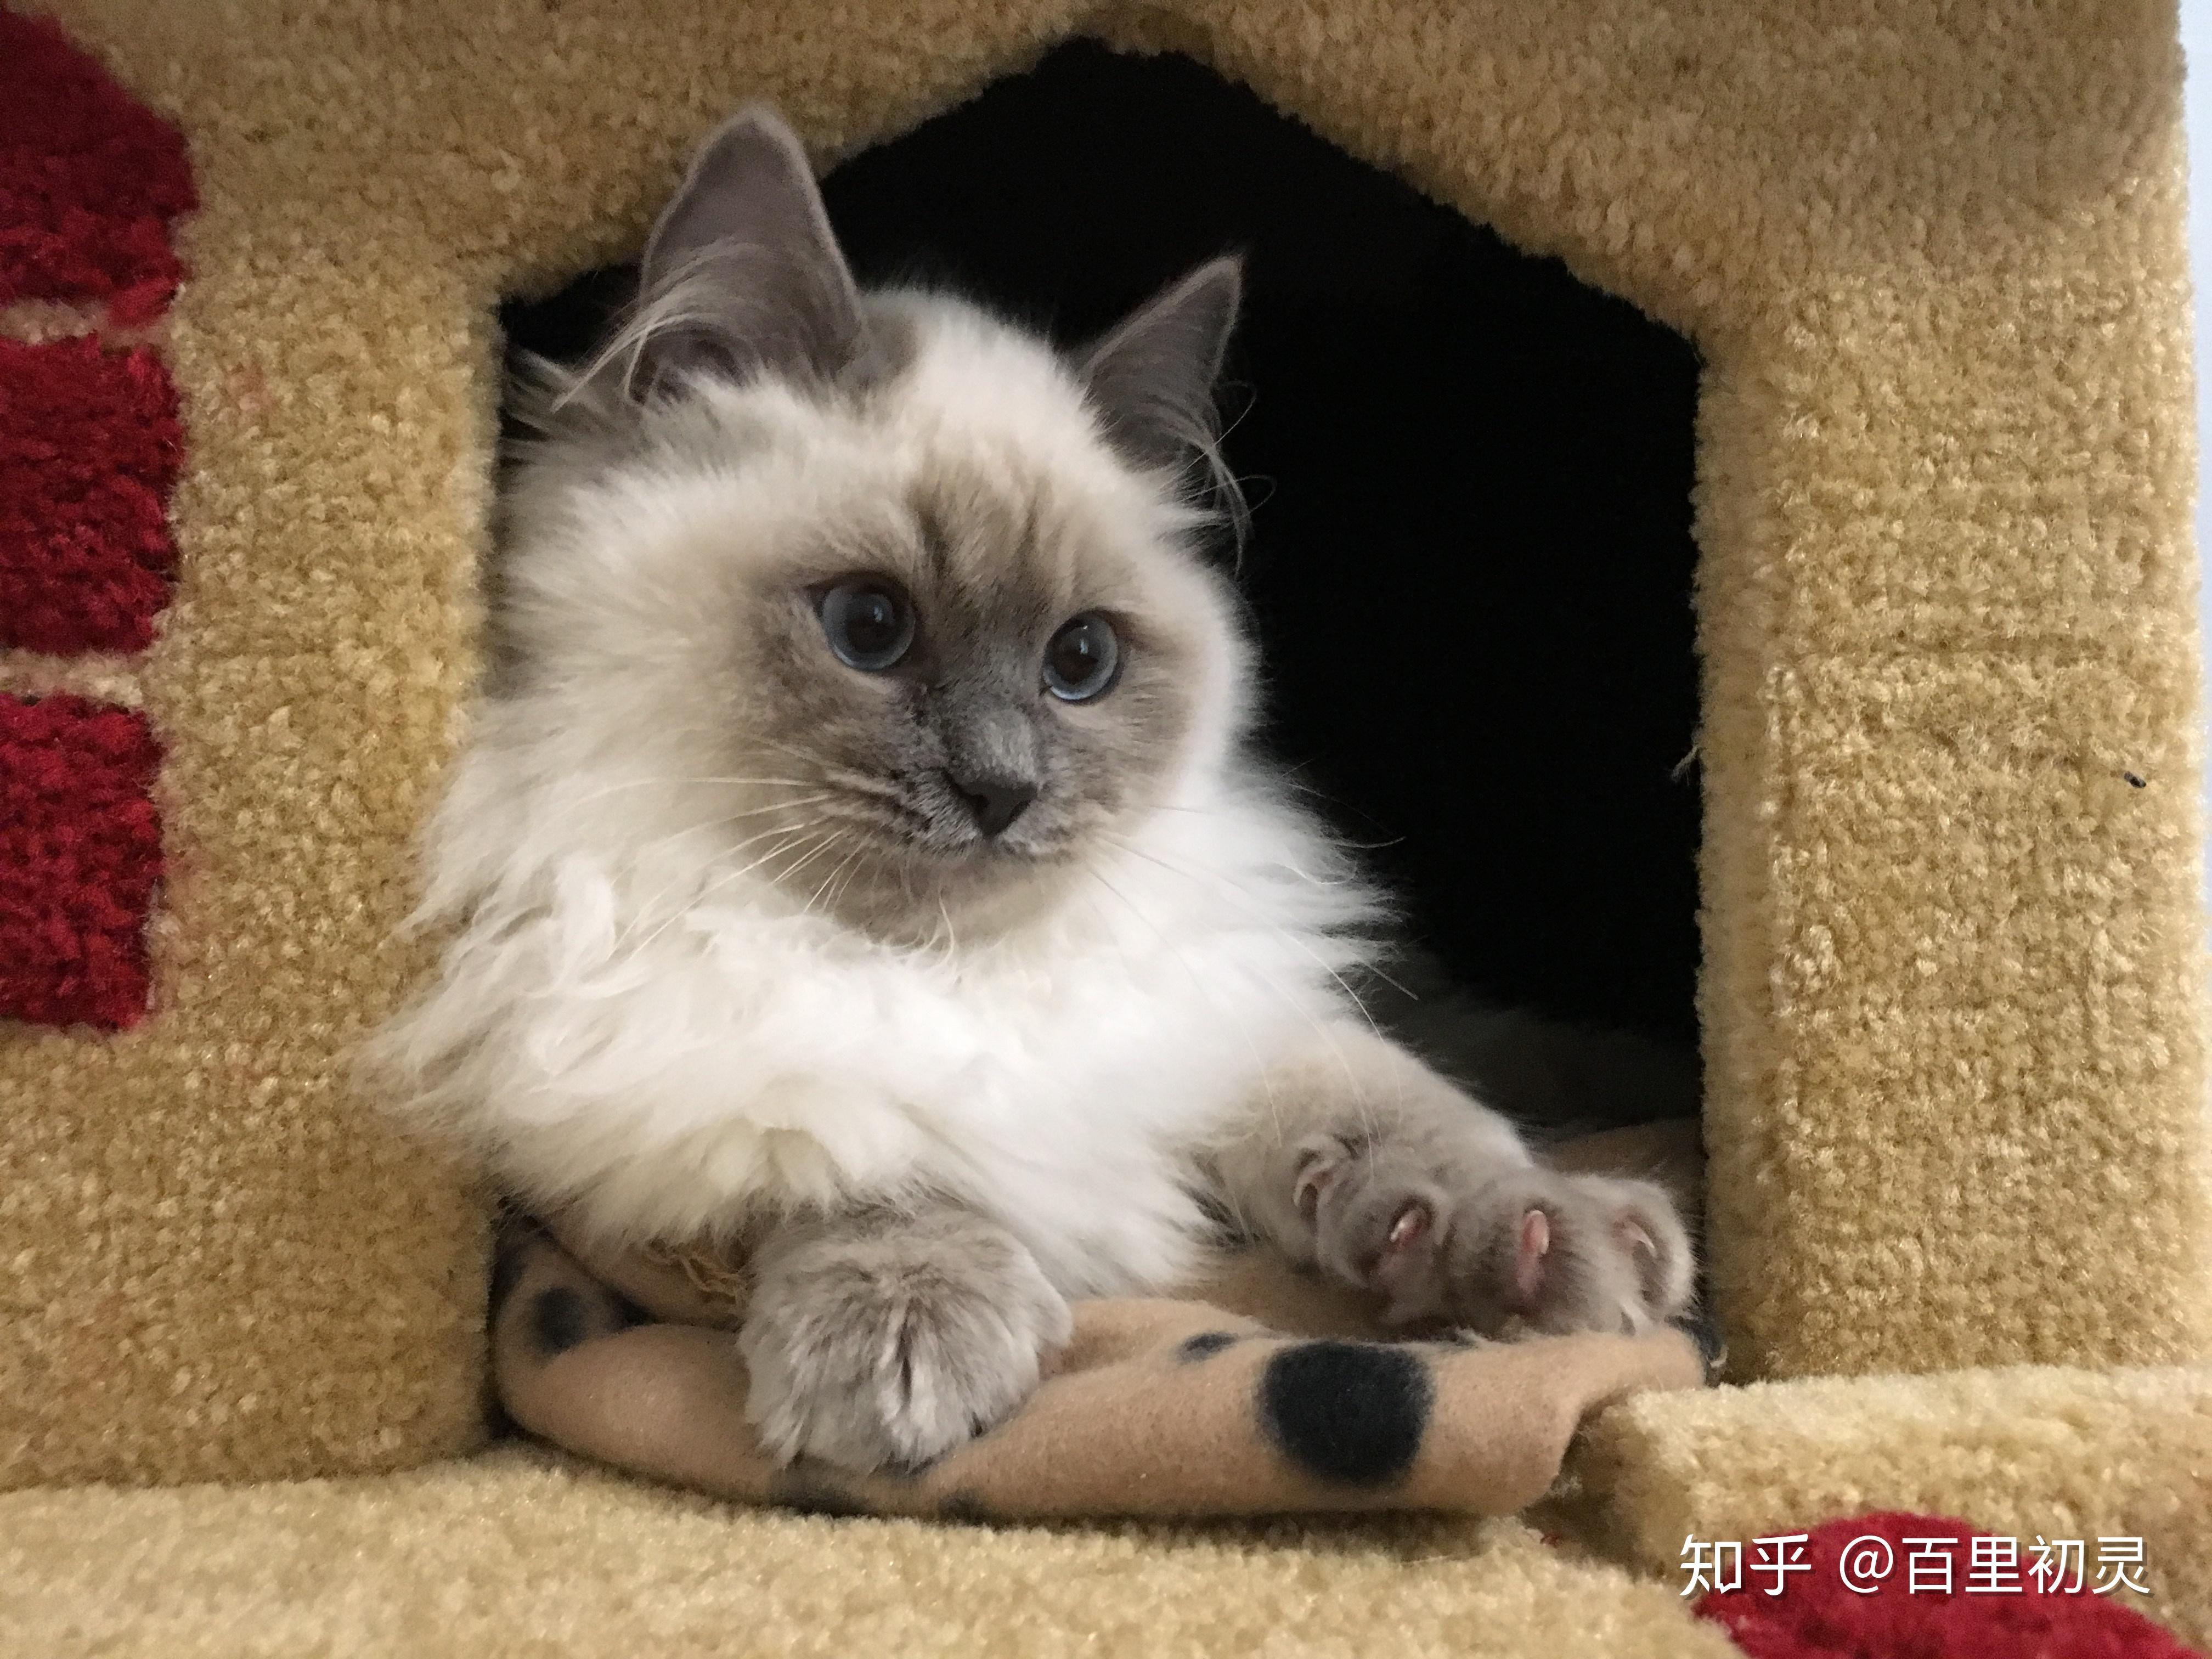 布偶猫真的有尴尬期嘛?